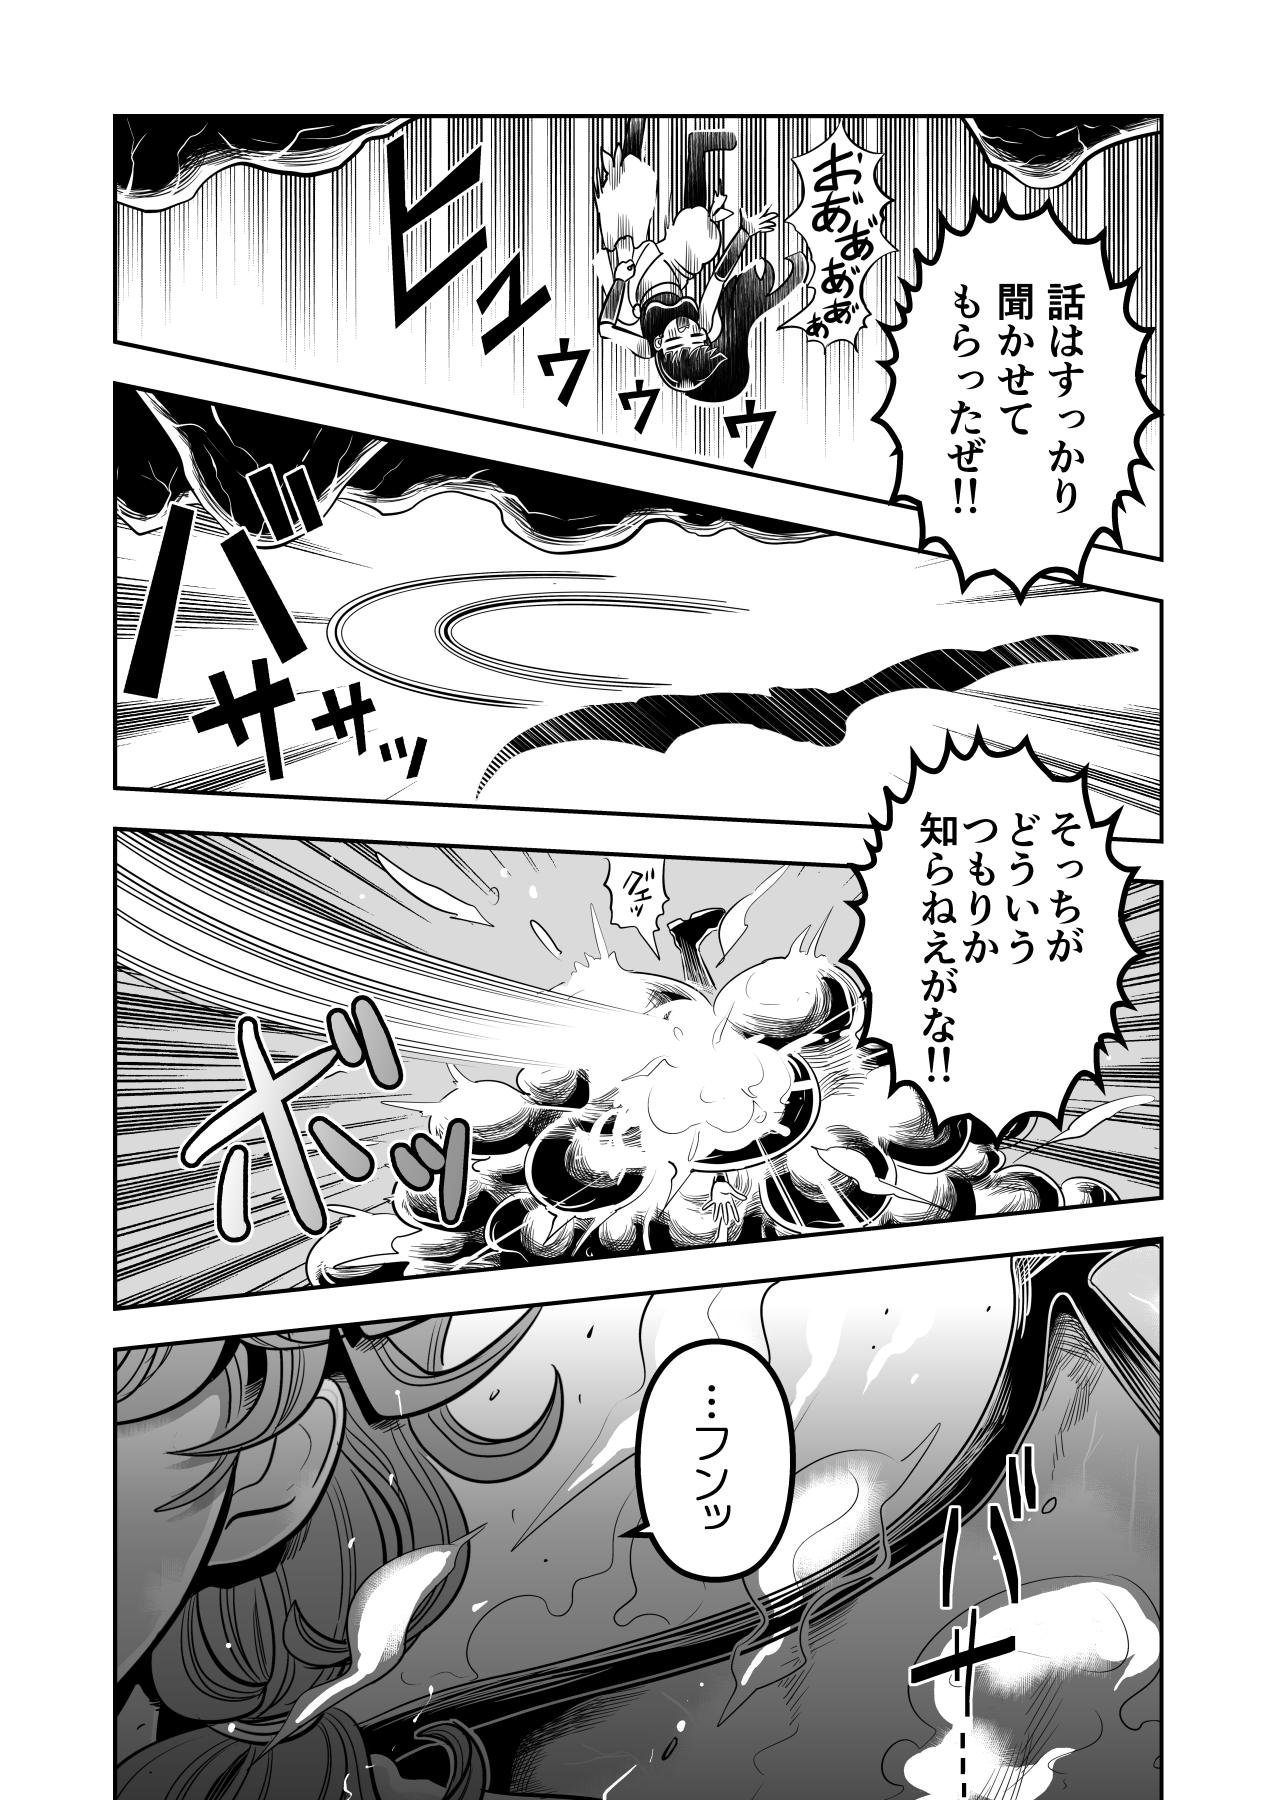 ヤサグレ魔女と第1王子と吸血鬼①0087